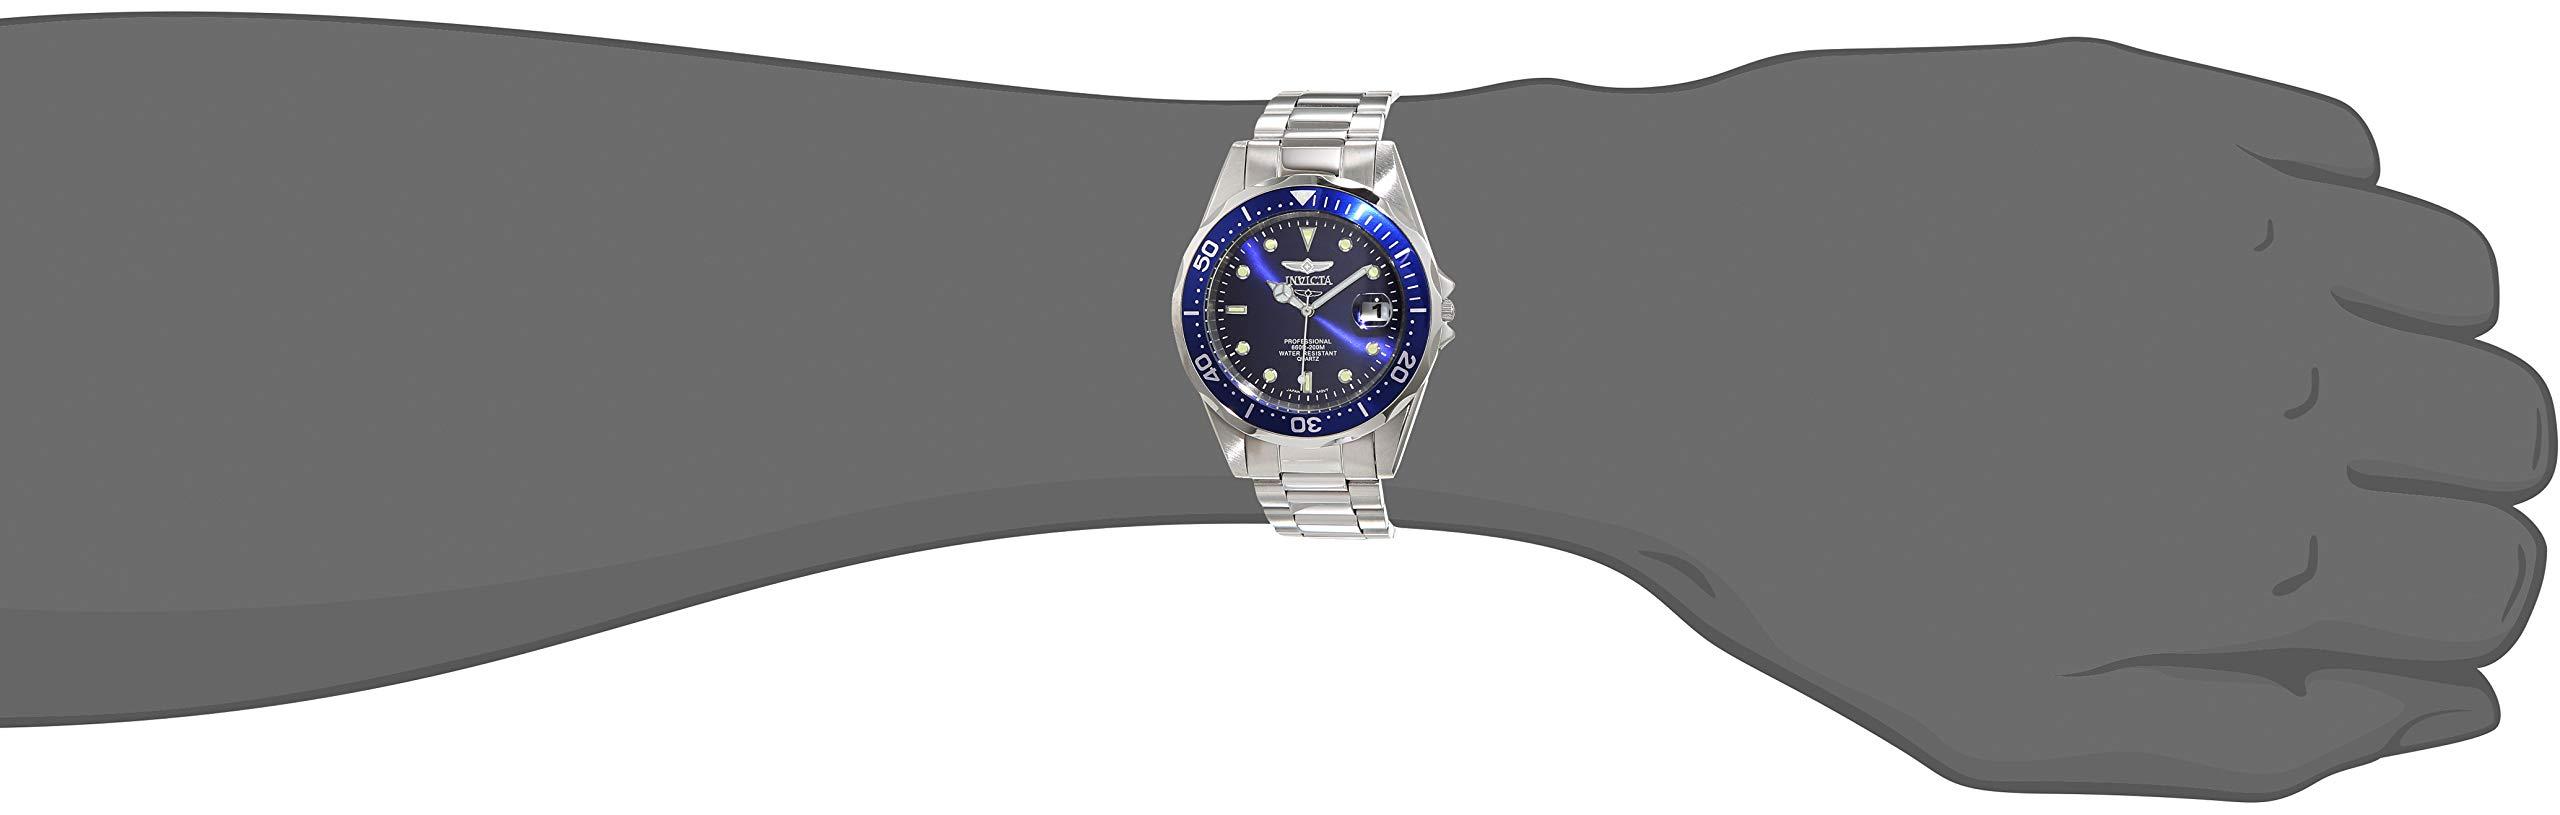 Invicta Men's 9204 Pro Diver Collection Silver-Tone Watch by Invicta (Image #2)